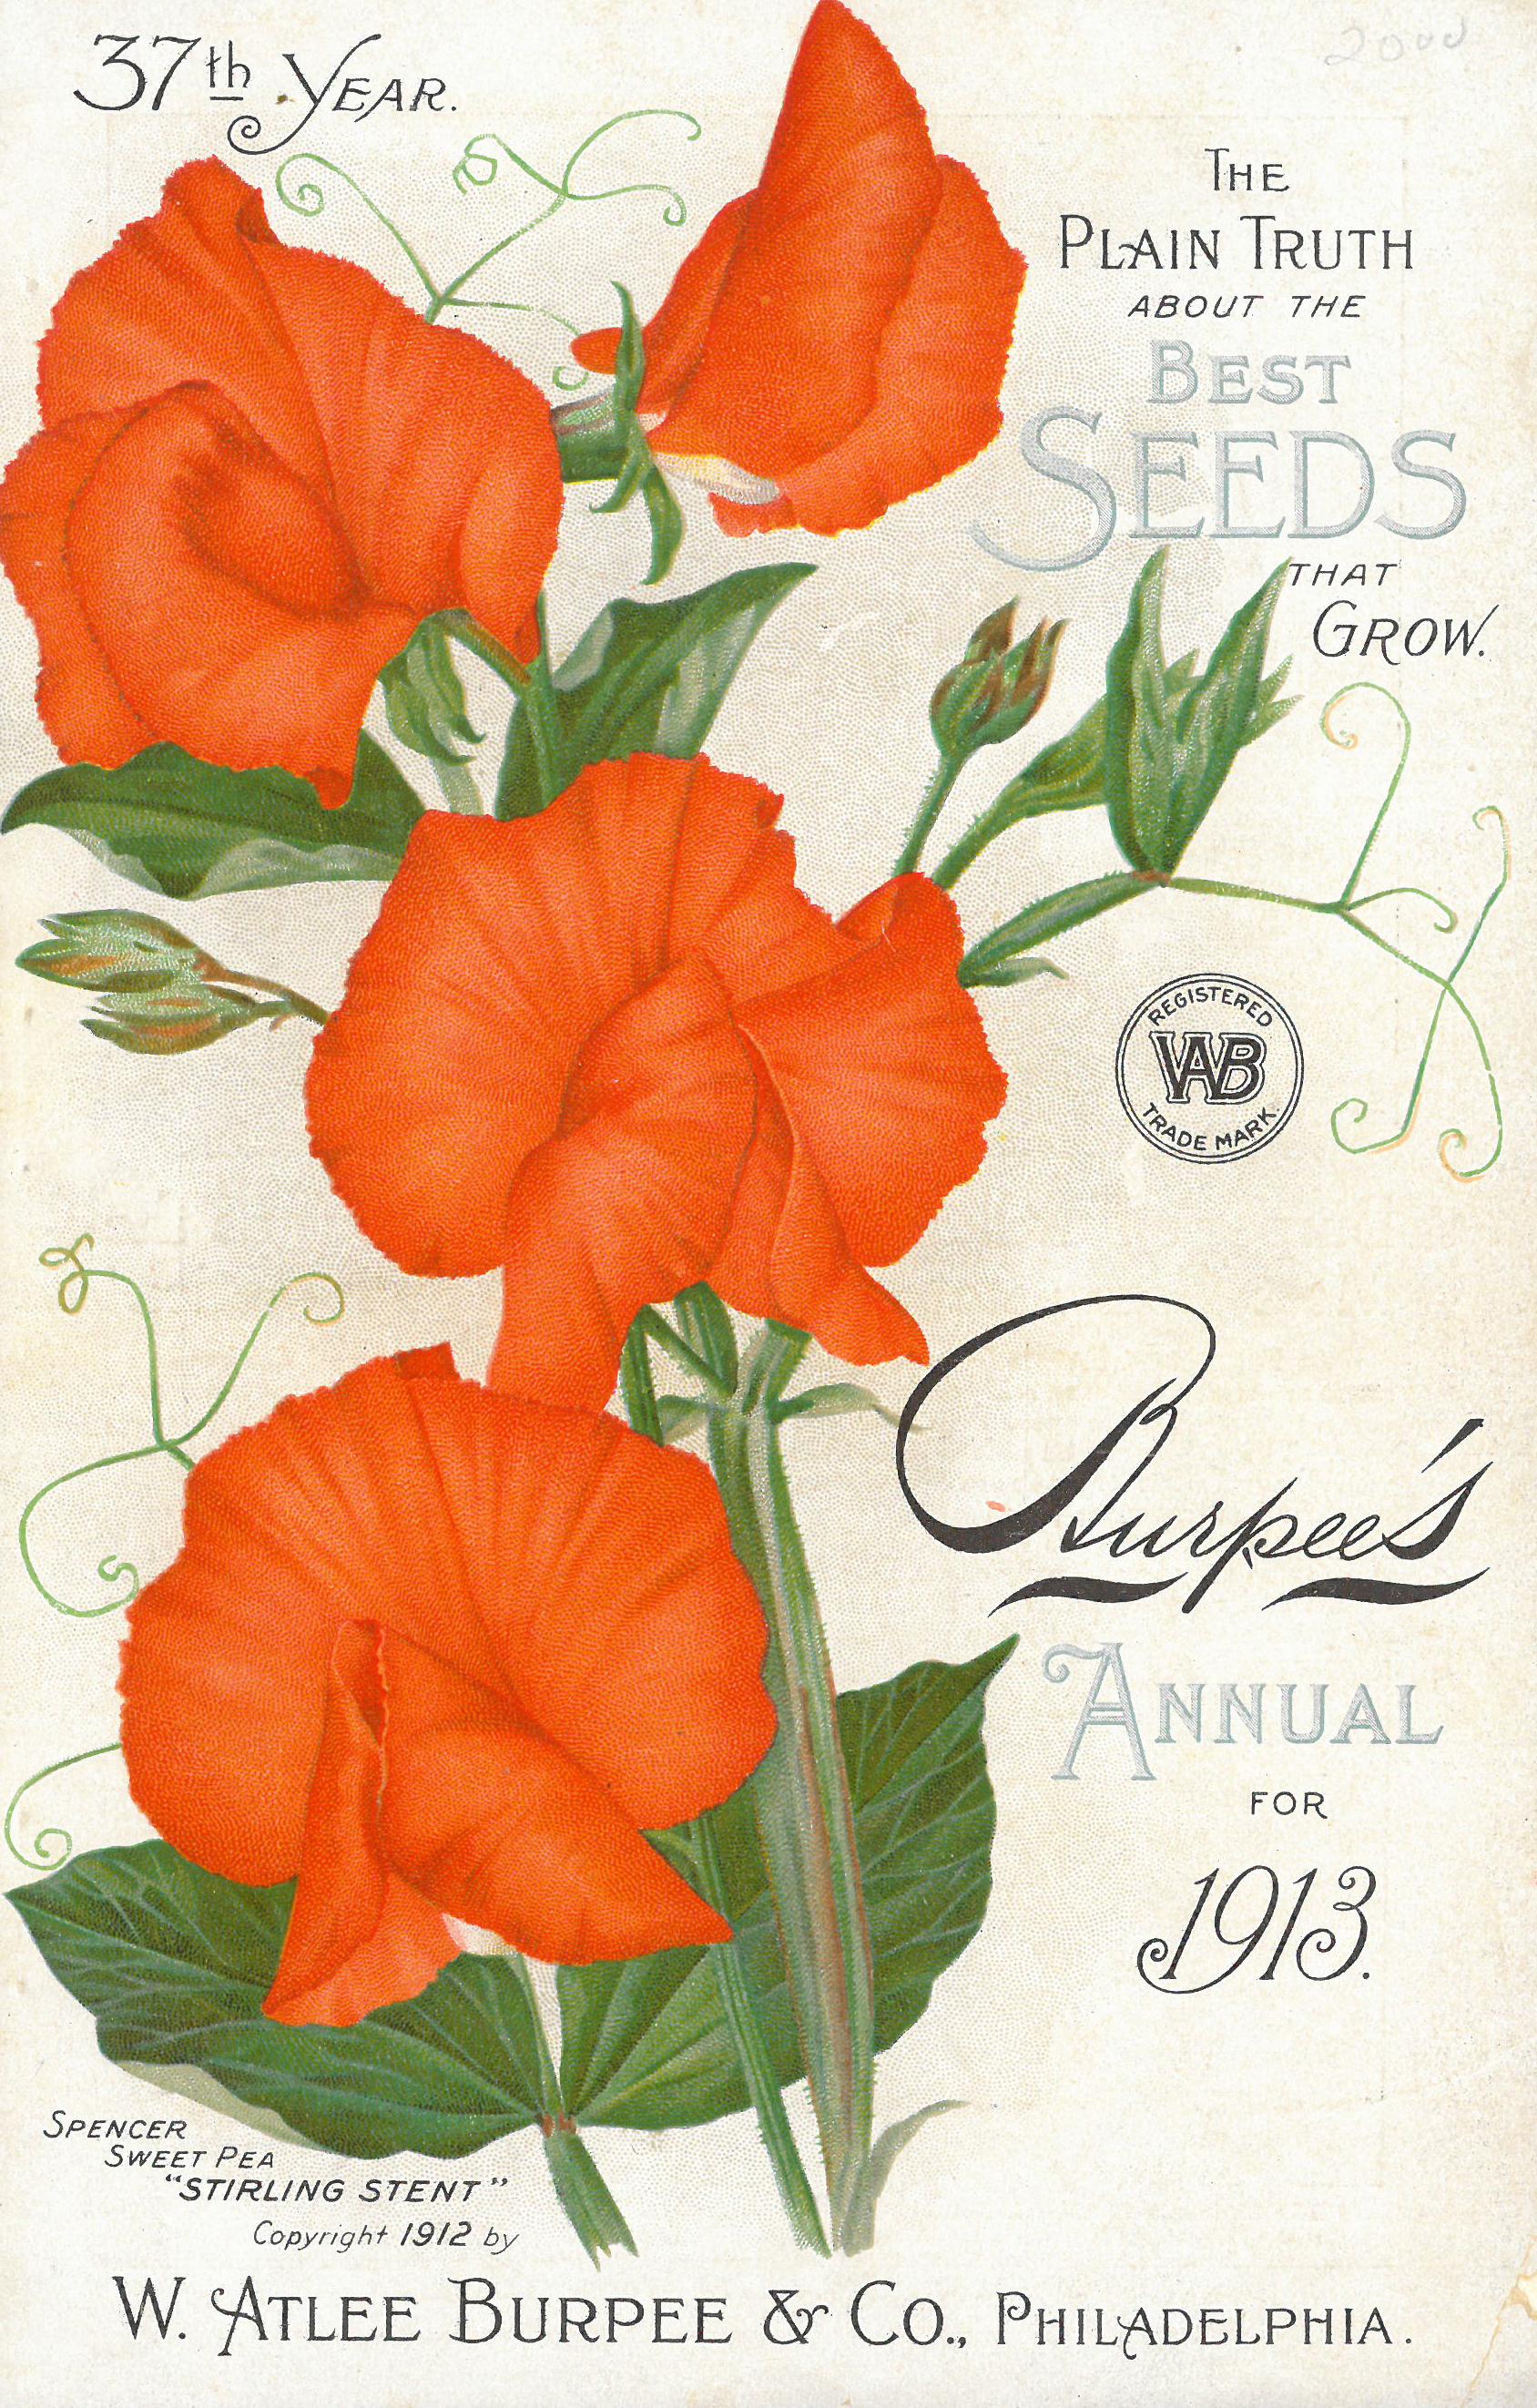 Burpee seed catalog, 1913